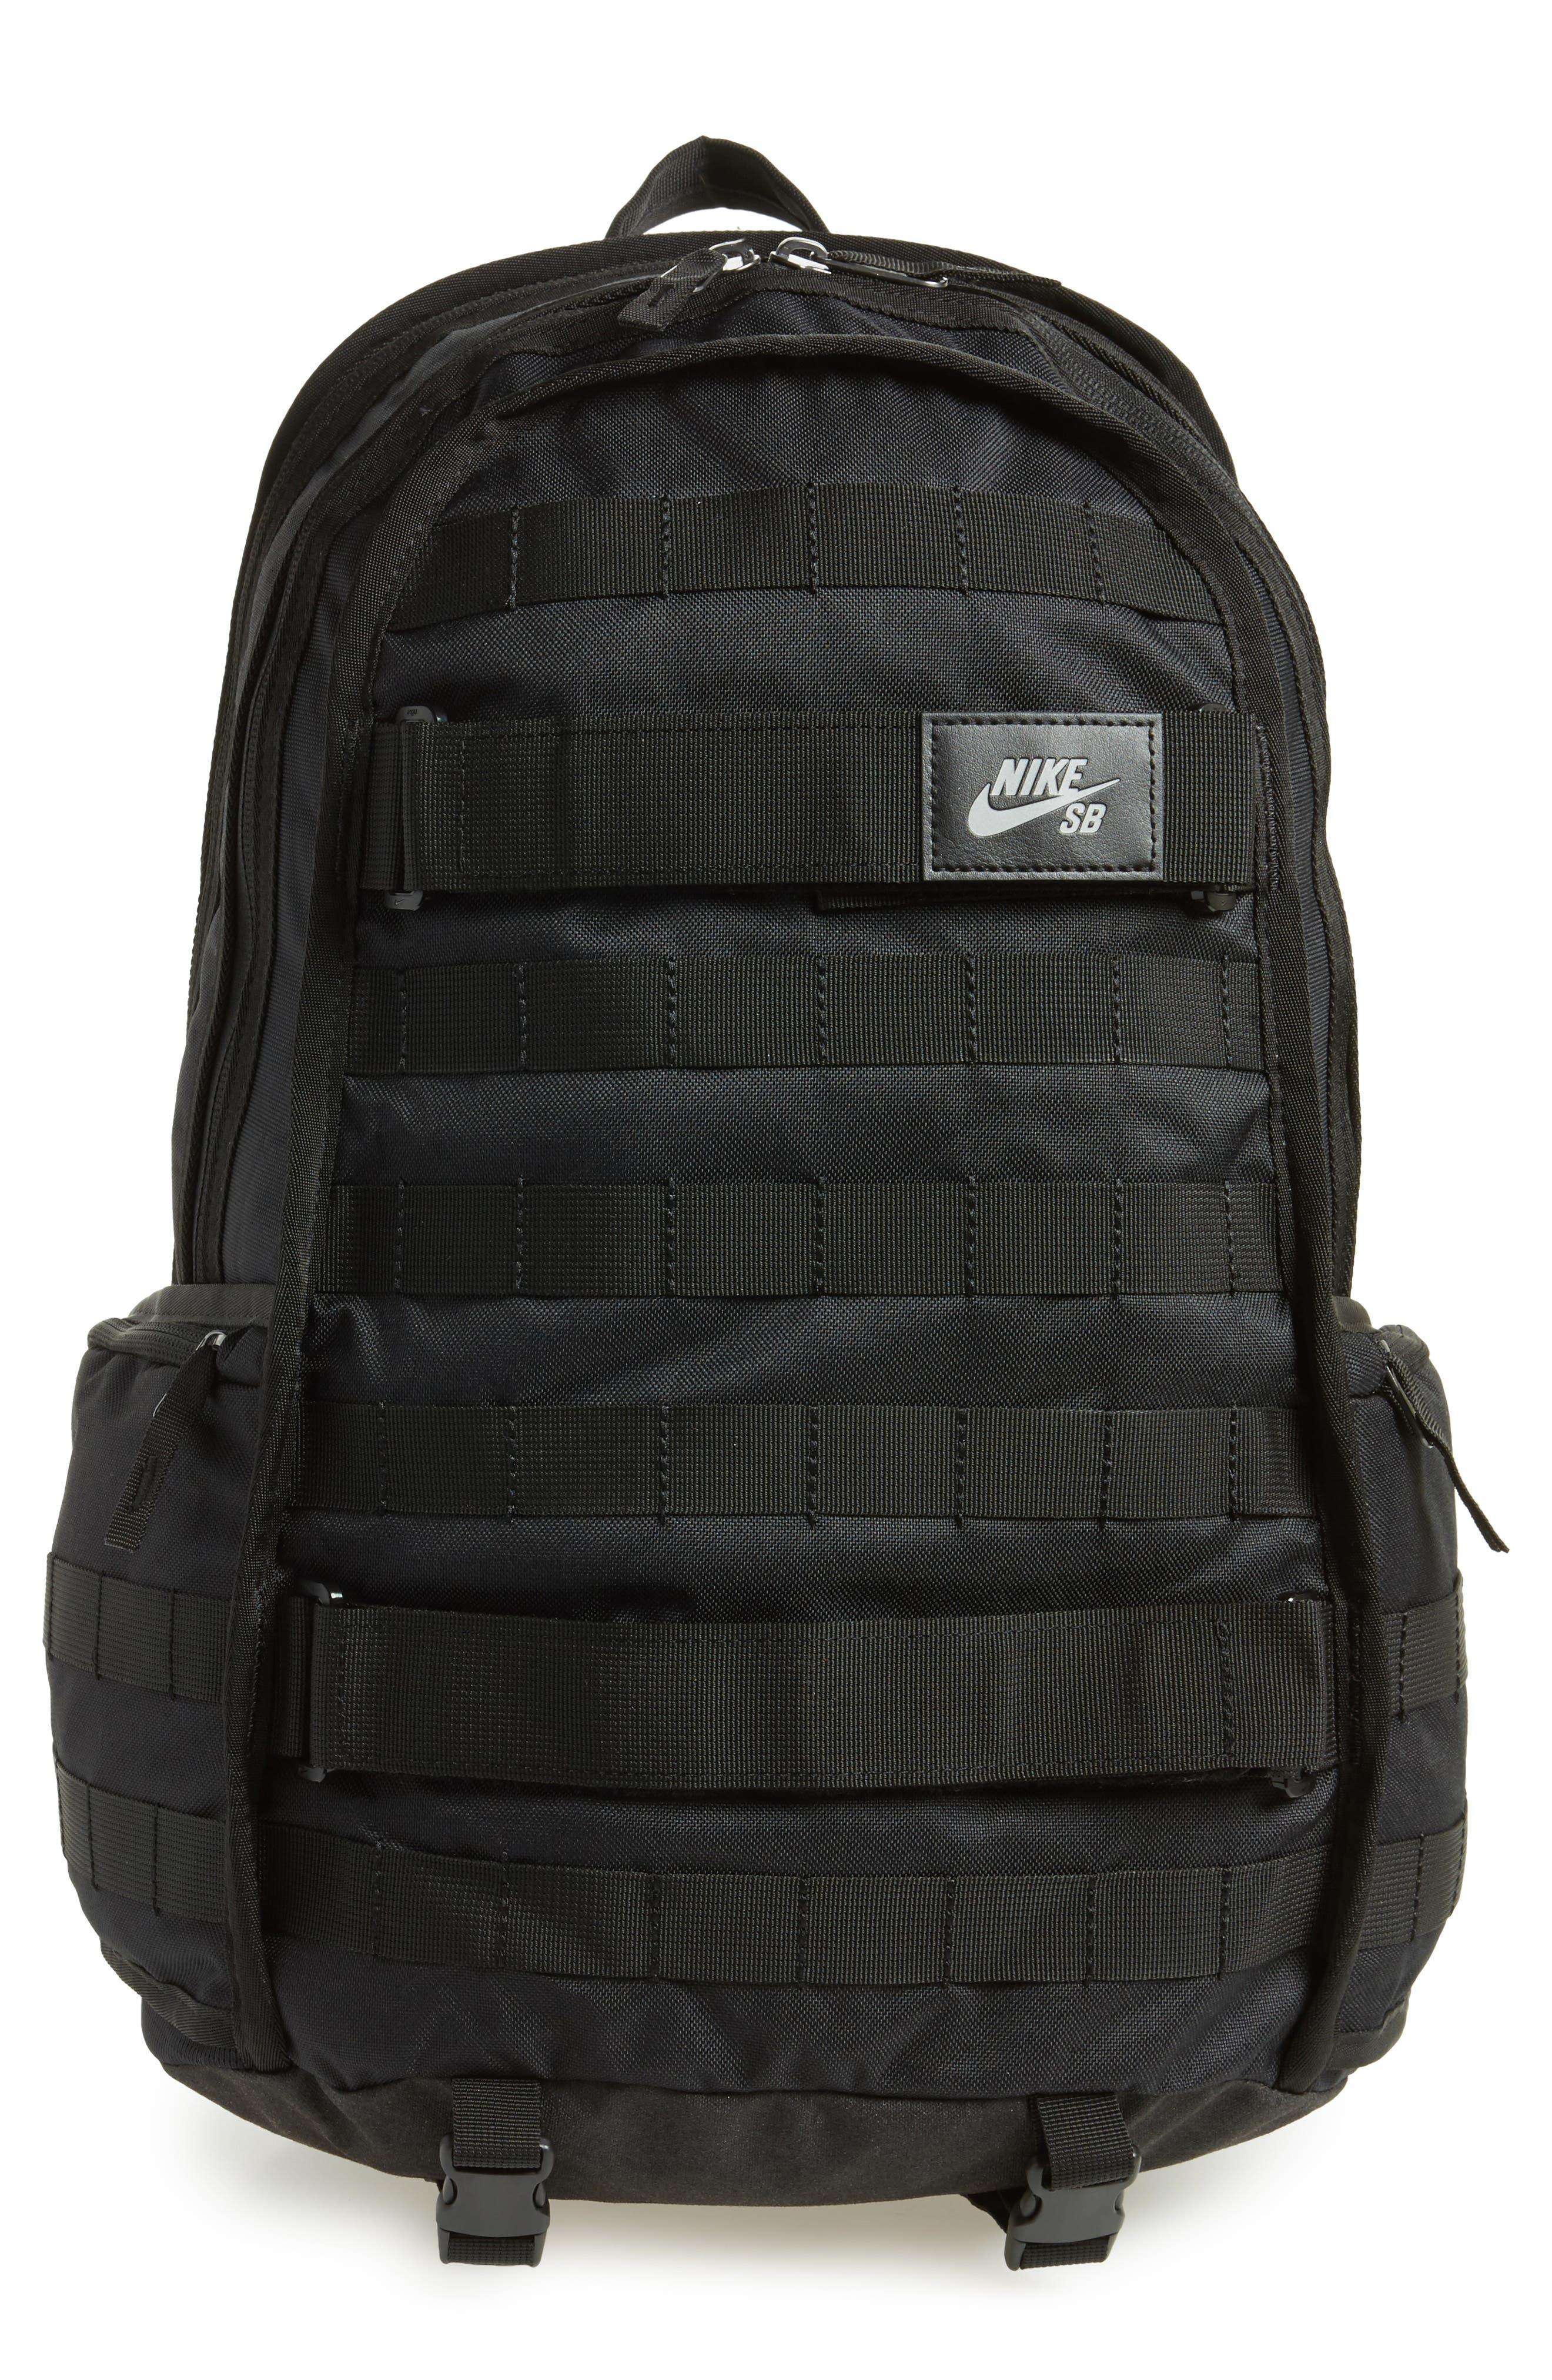 RPM Backpack,                         Main,                         color, BLACK/ BLACK/ BLACK